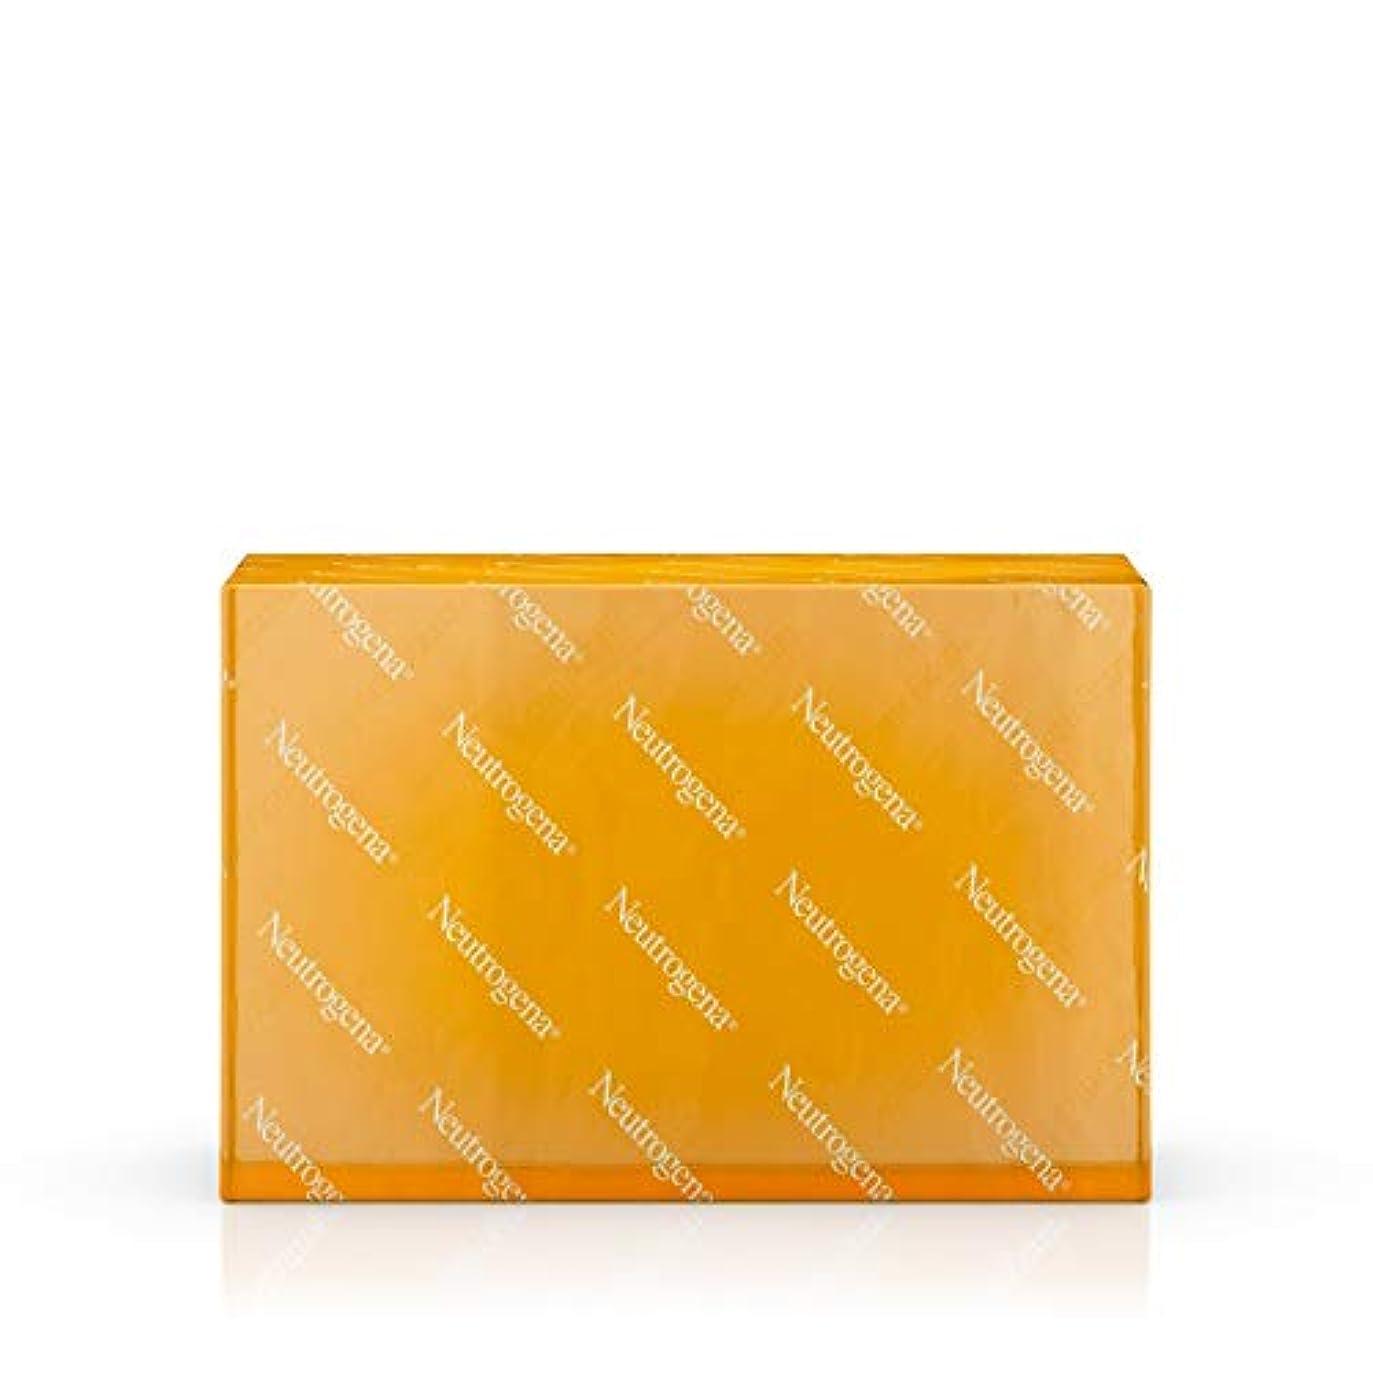 売り手警告する懐疑論海外直送品 Neutrogena Neutrogena Transparent Facial Bar Soap Fragrance Free, Fragrance Free 3.5 oz